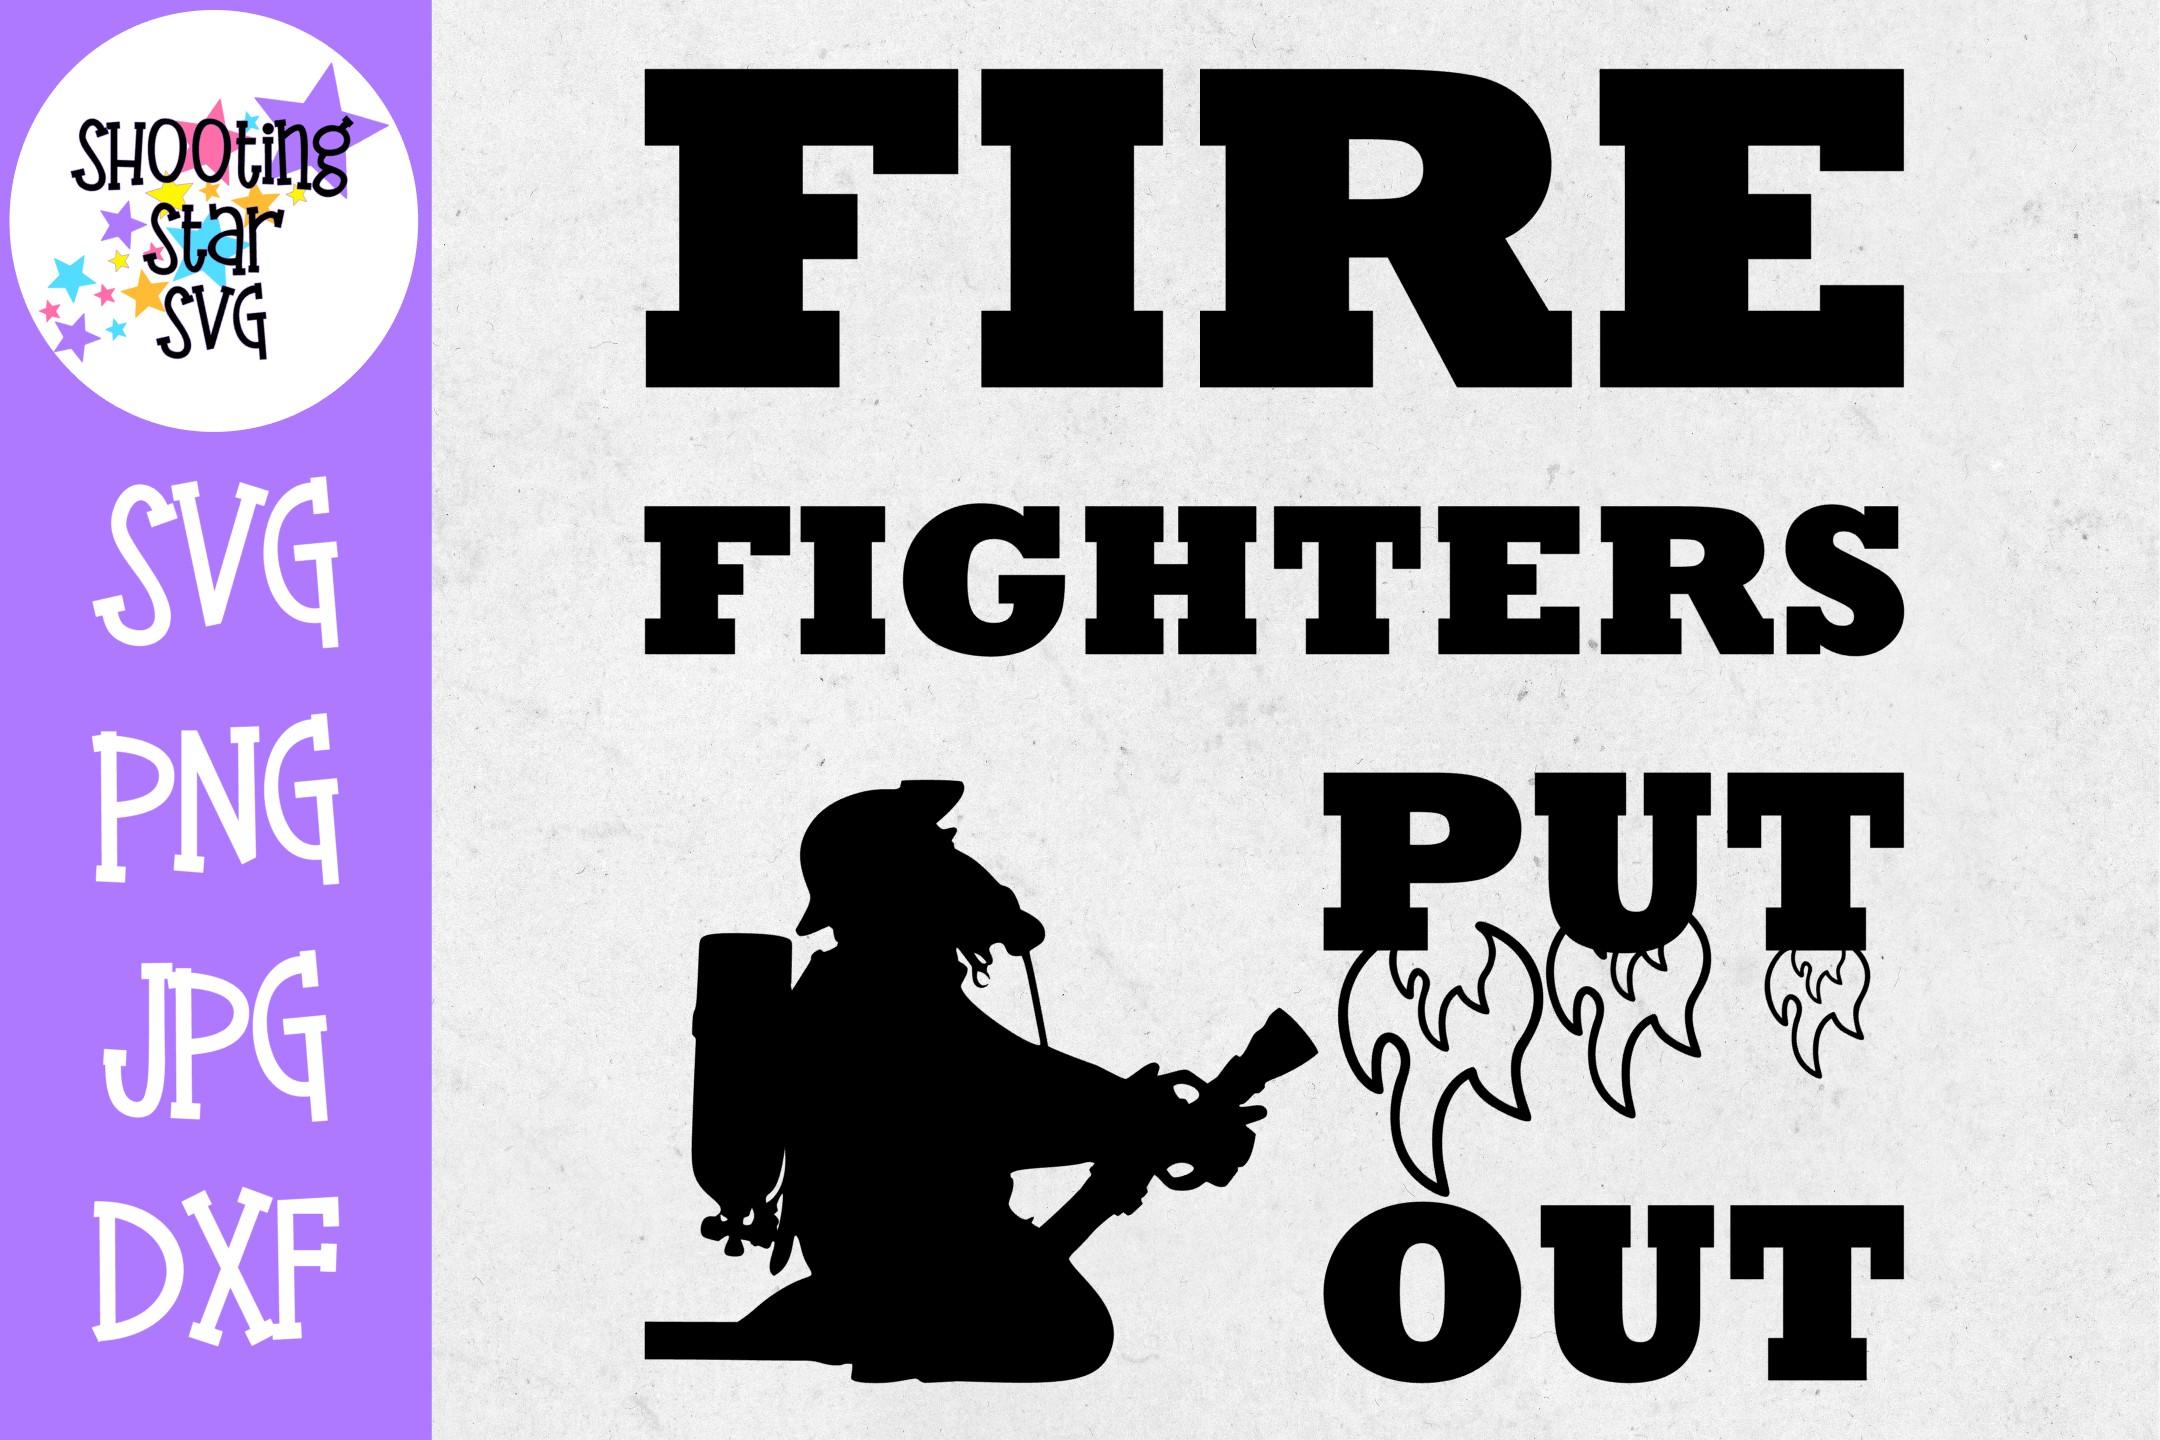 Firefighter Shirt SVG Bundle - Firefighter SVG - Fire SVG example image 4